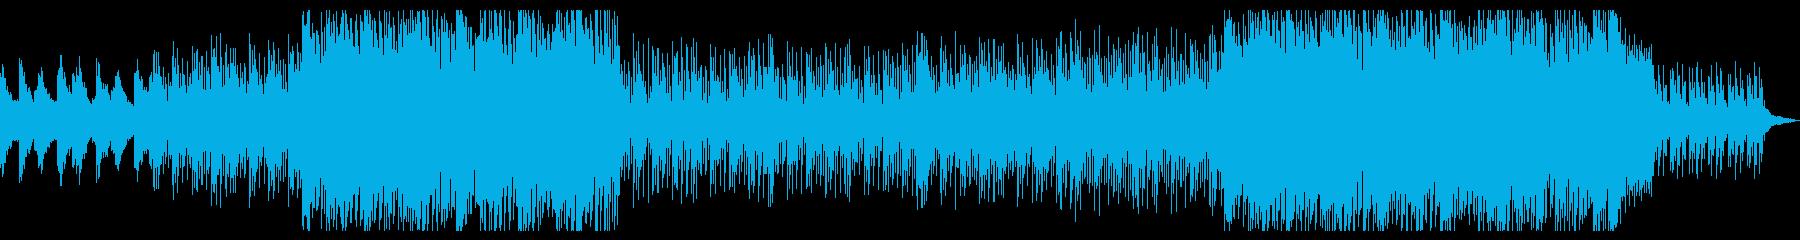 ピアノ+ストリングスの綺麗なハウスポップの再生済みの波形